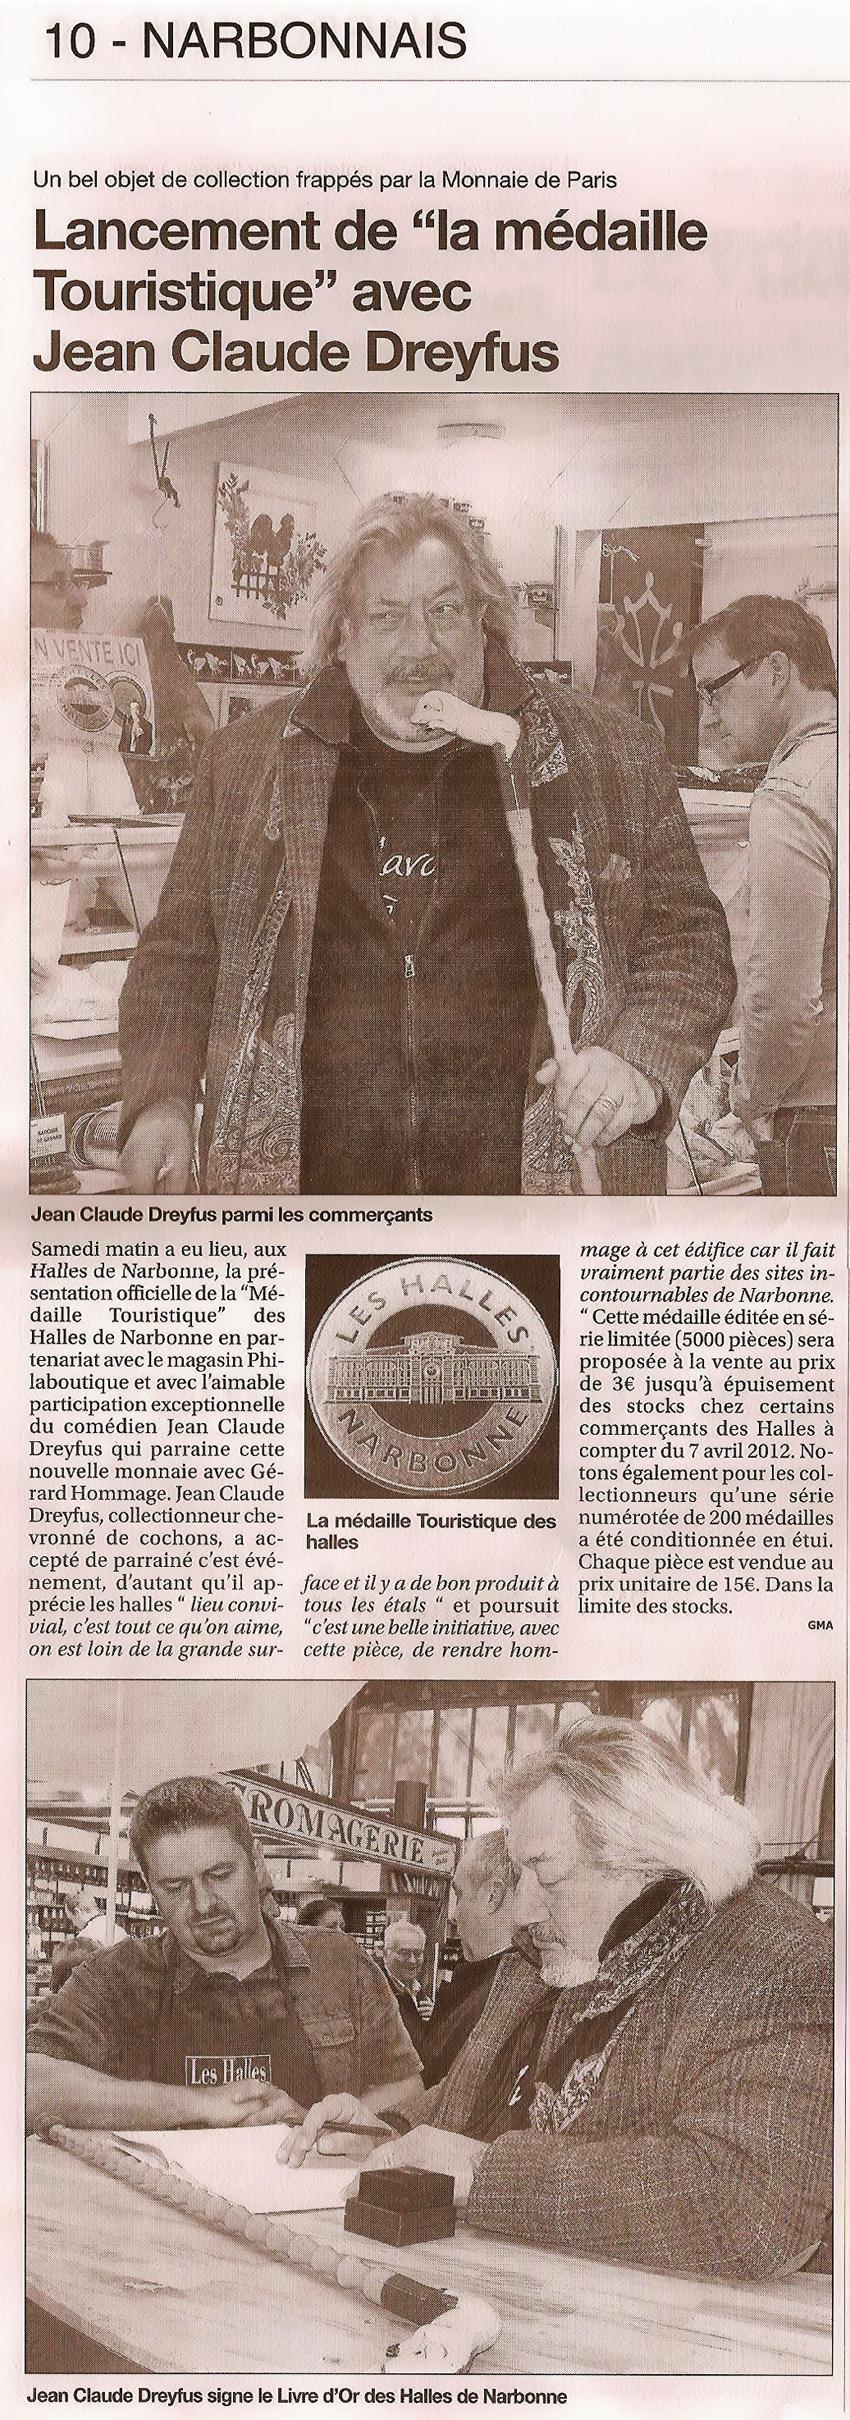 Halles_narbonne_medaille_touristique_dreyfus_paques_petit_journal_page10_du11au17-04-12